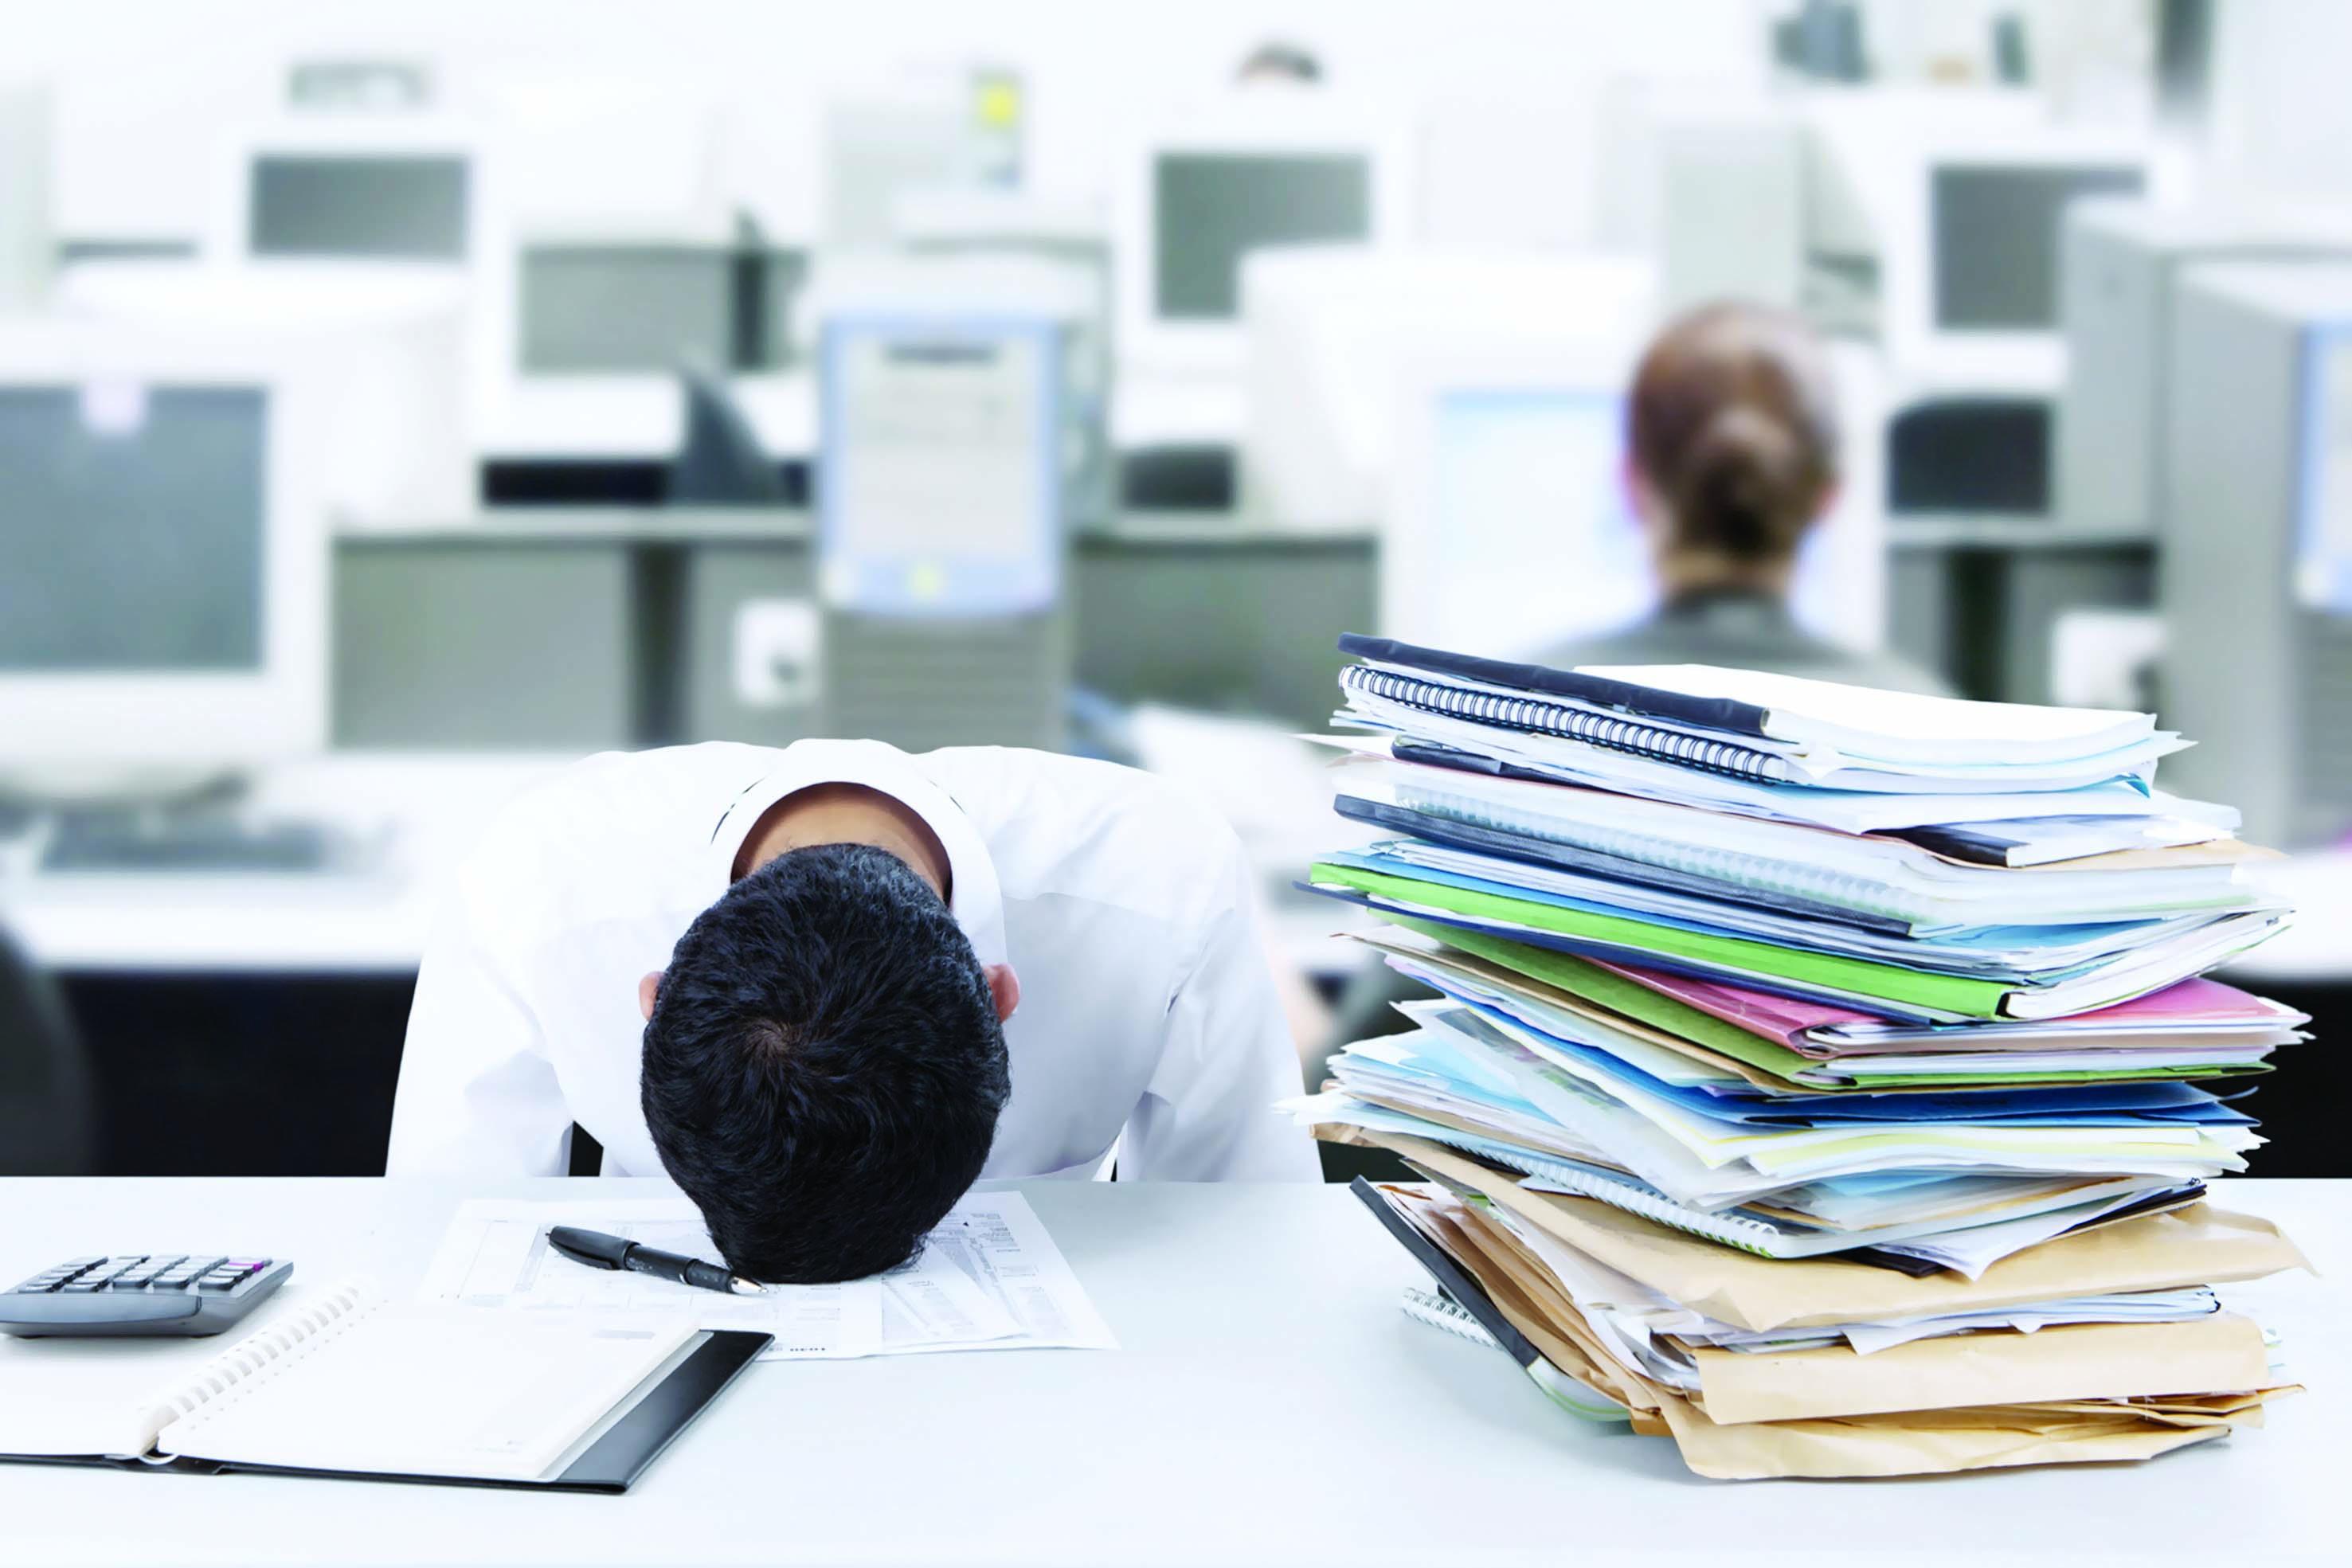 هل تؤثر ضغوط العمل في الإنتاجية؟